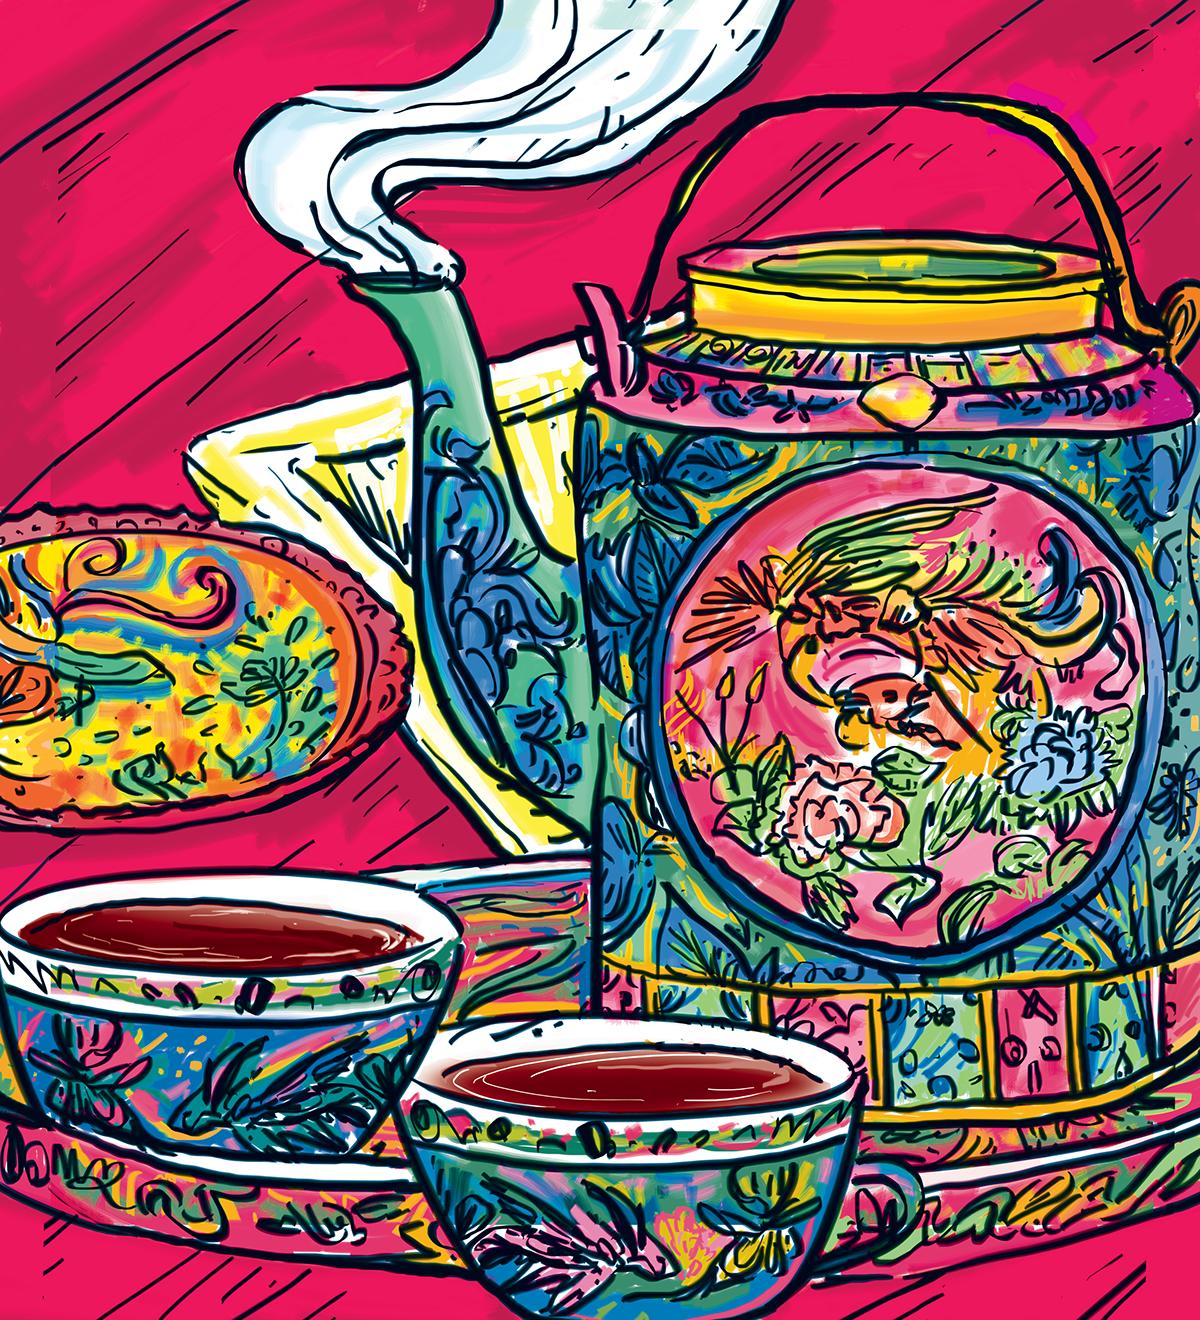 娘 惹 A Taste of Peranakan on Behance Asian art, Art, Painting